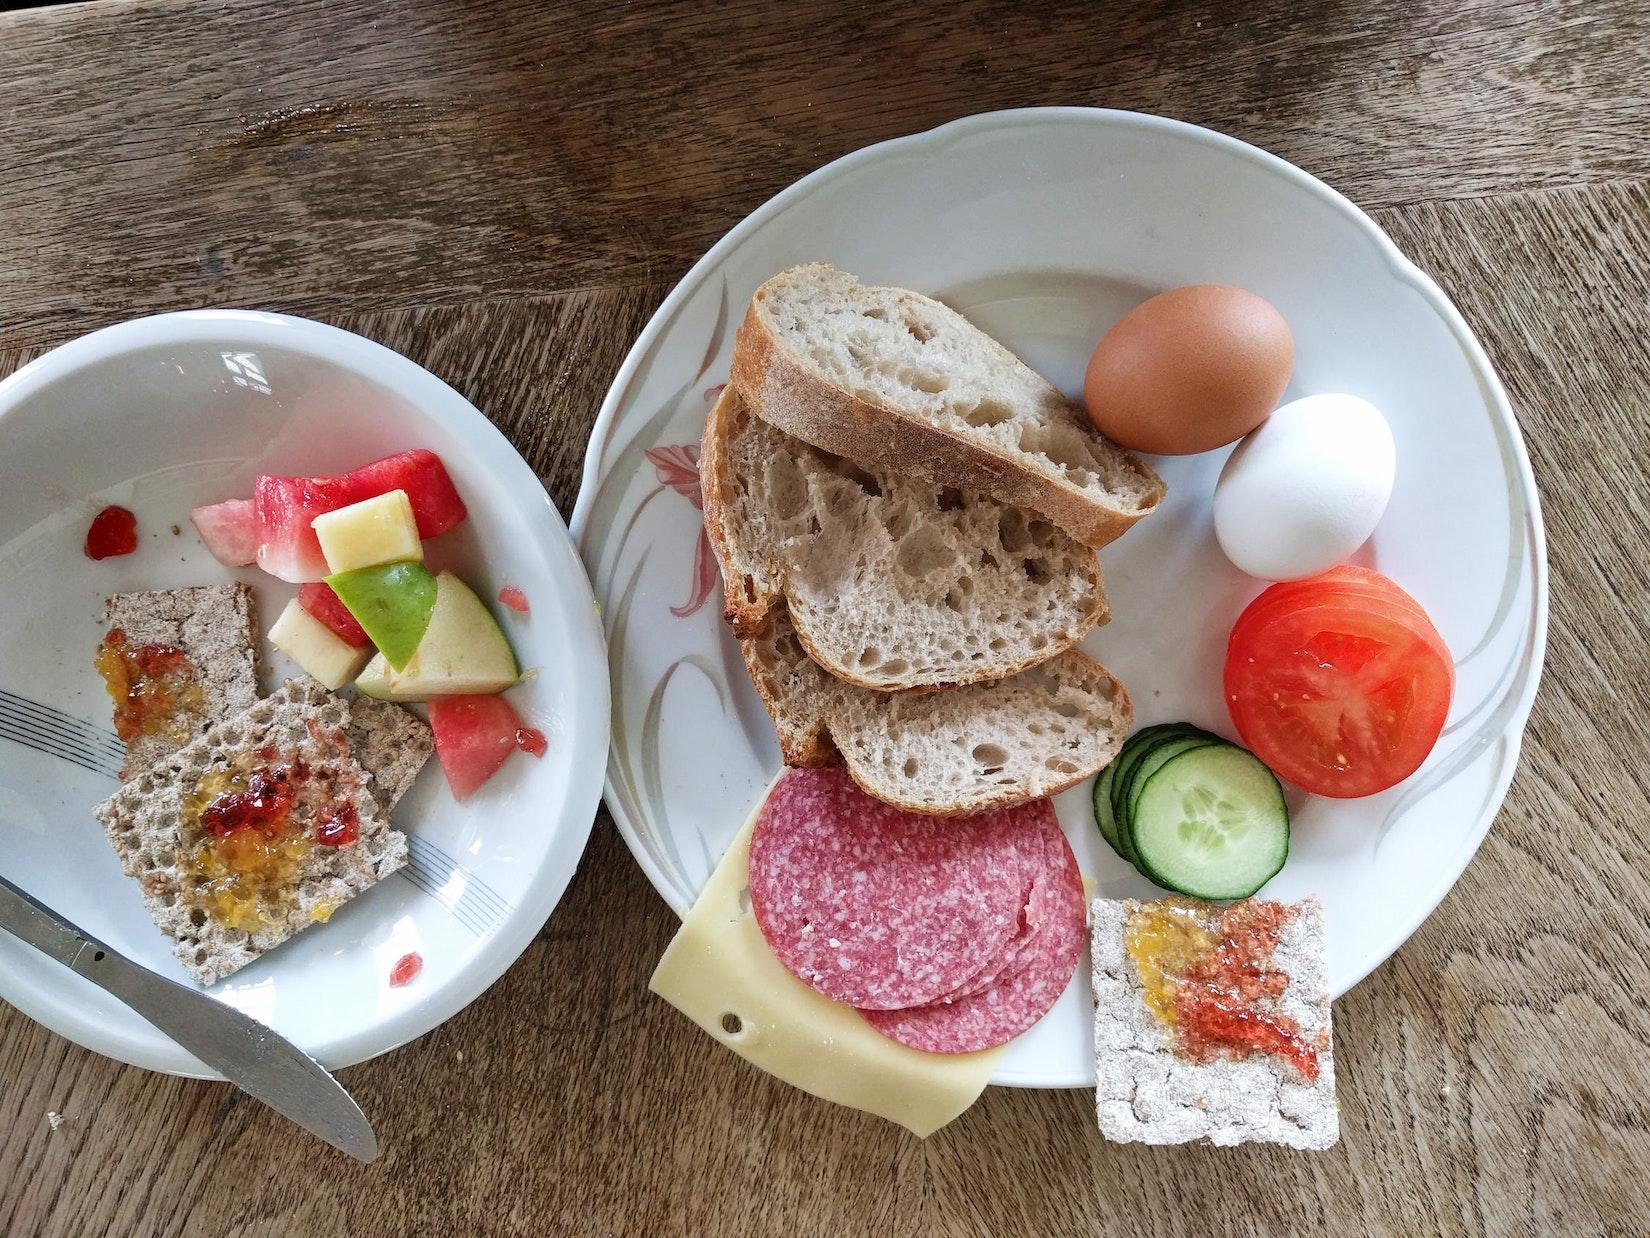 Breakfast at KEX hostel in Iceland